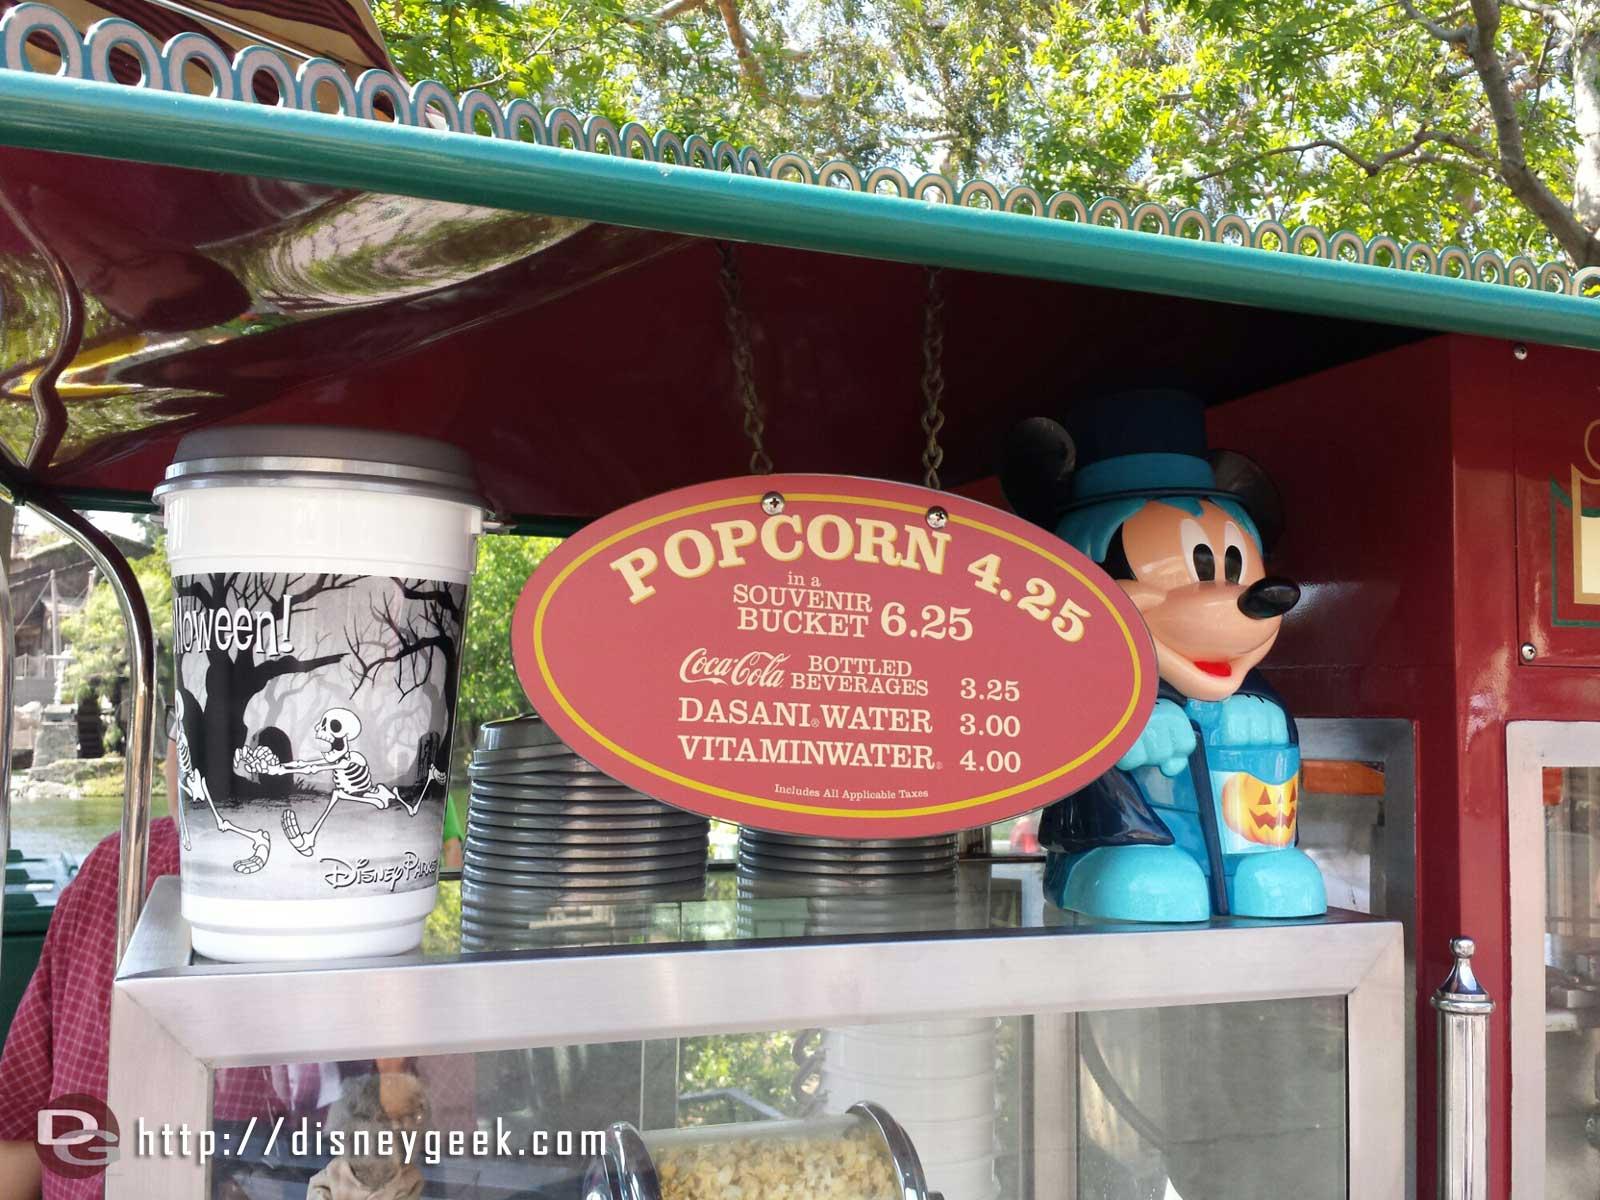 Disneyland Halloween Popcorn Bucket 2019.Halloween Souvenir Popcorn Buckets In Frontierland